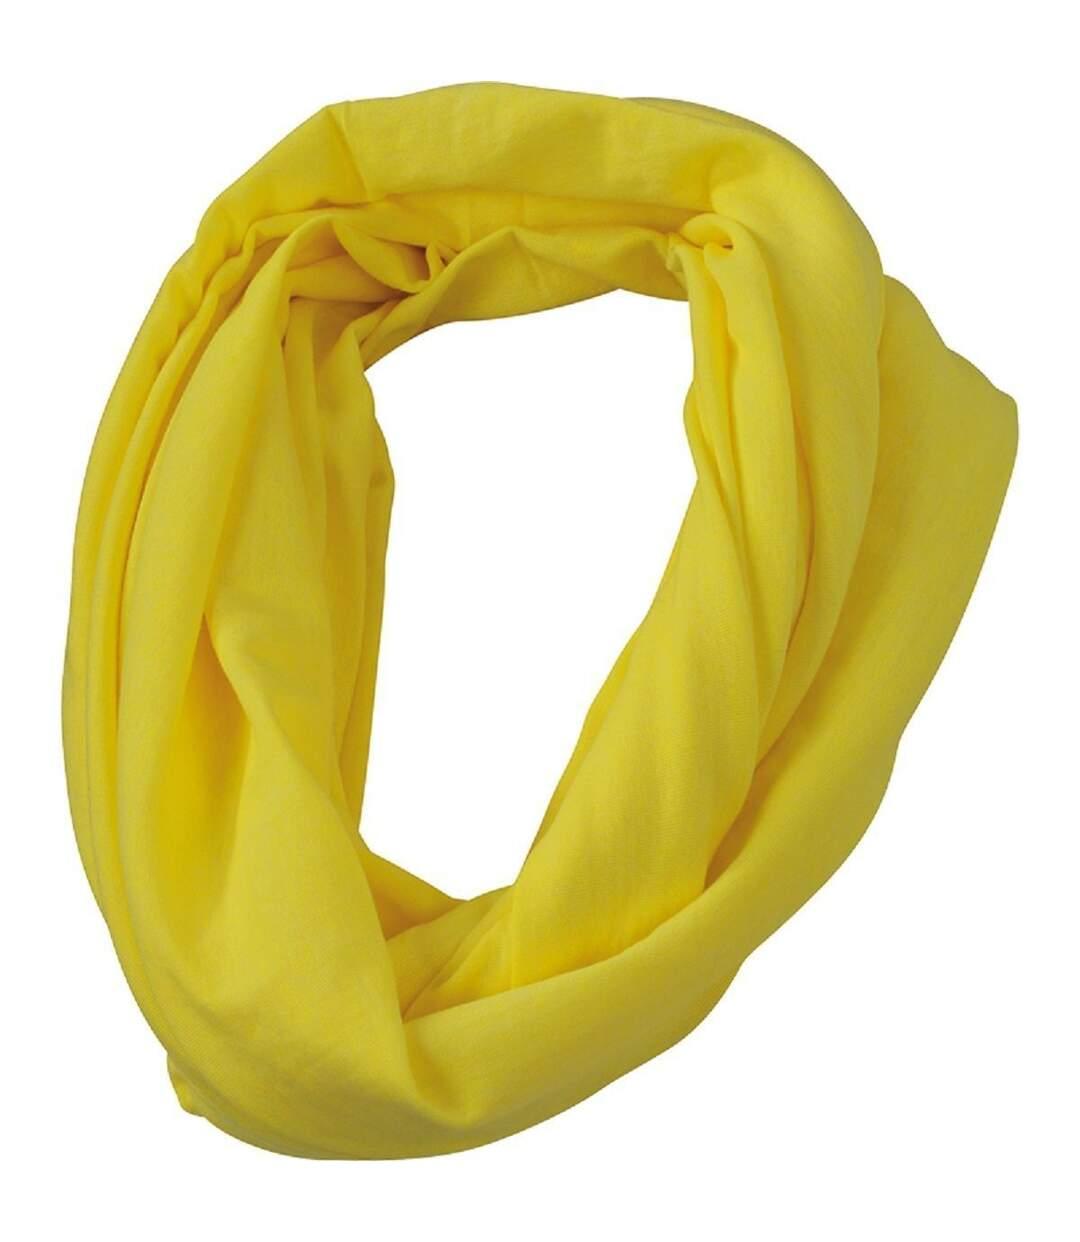 Echarpe - Tour de cou adulte - MB6578 - jaune mélange